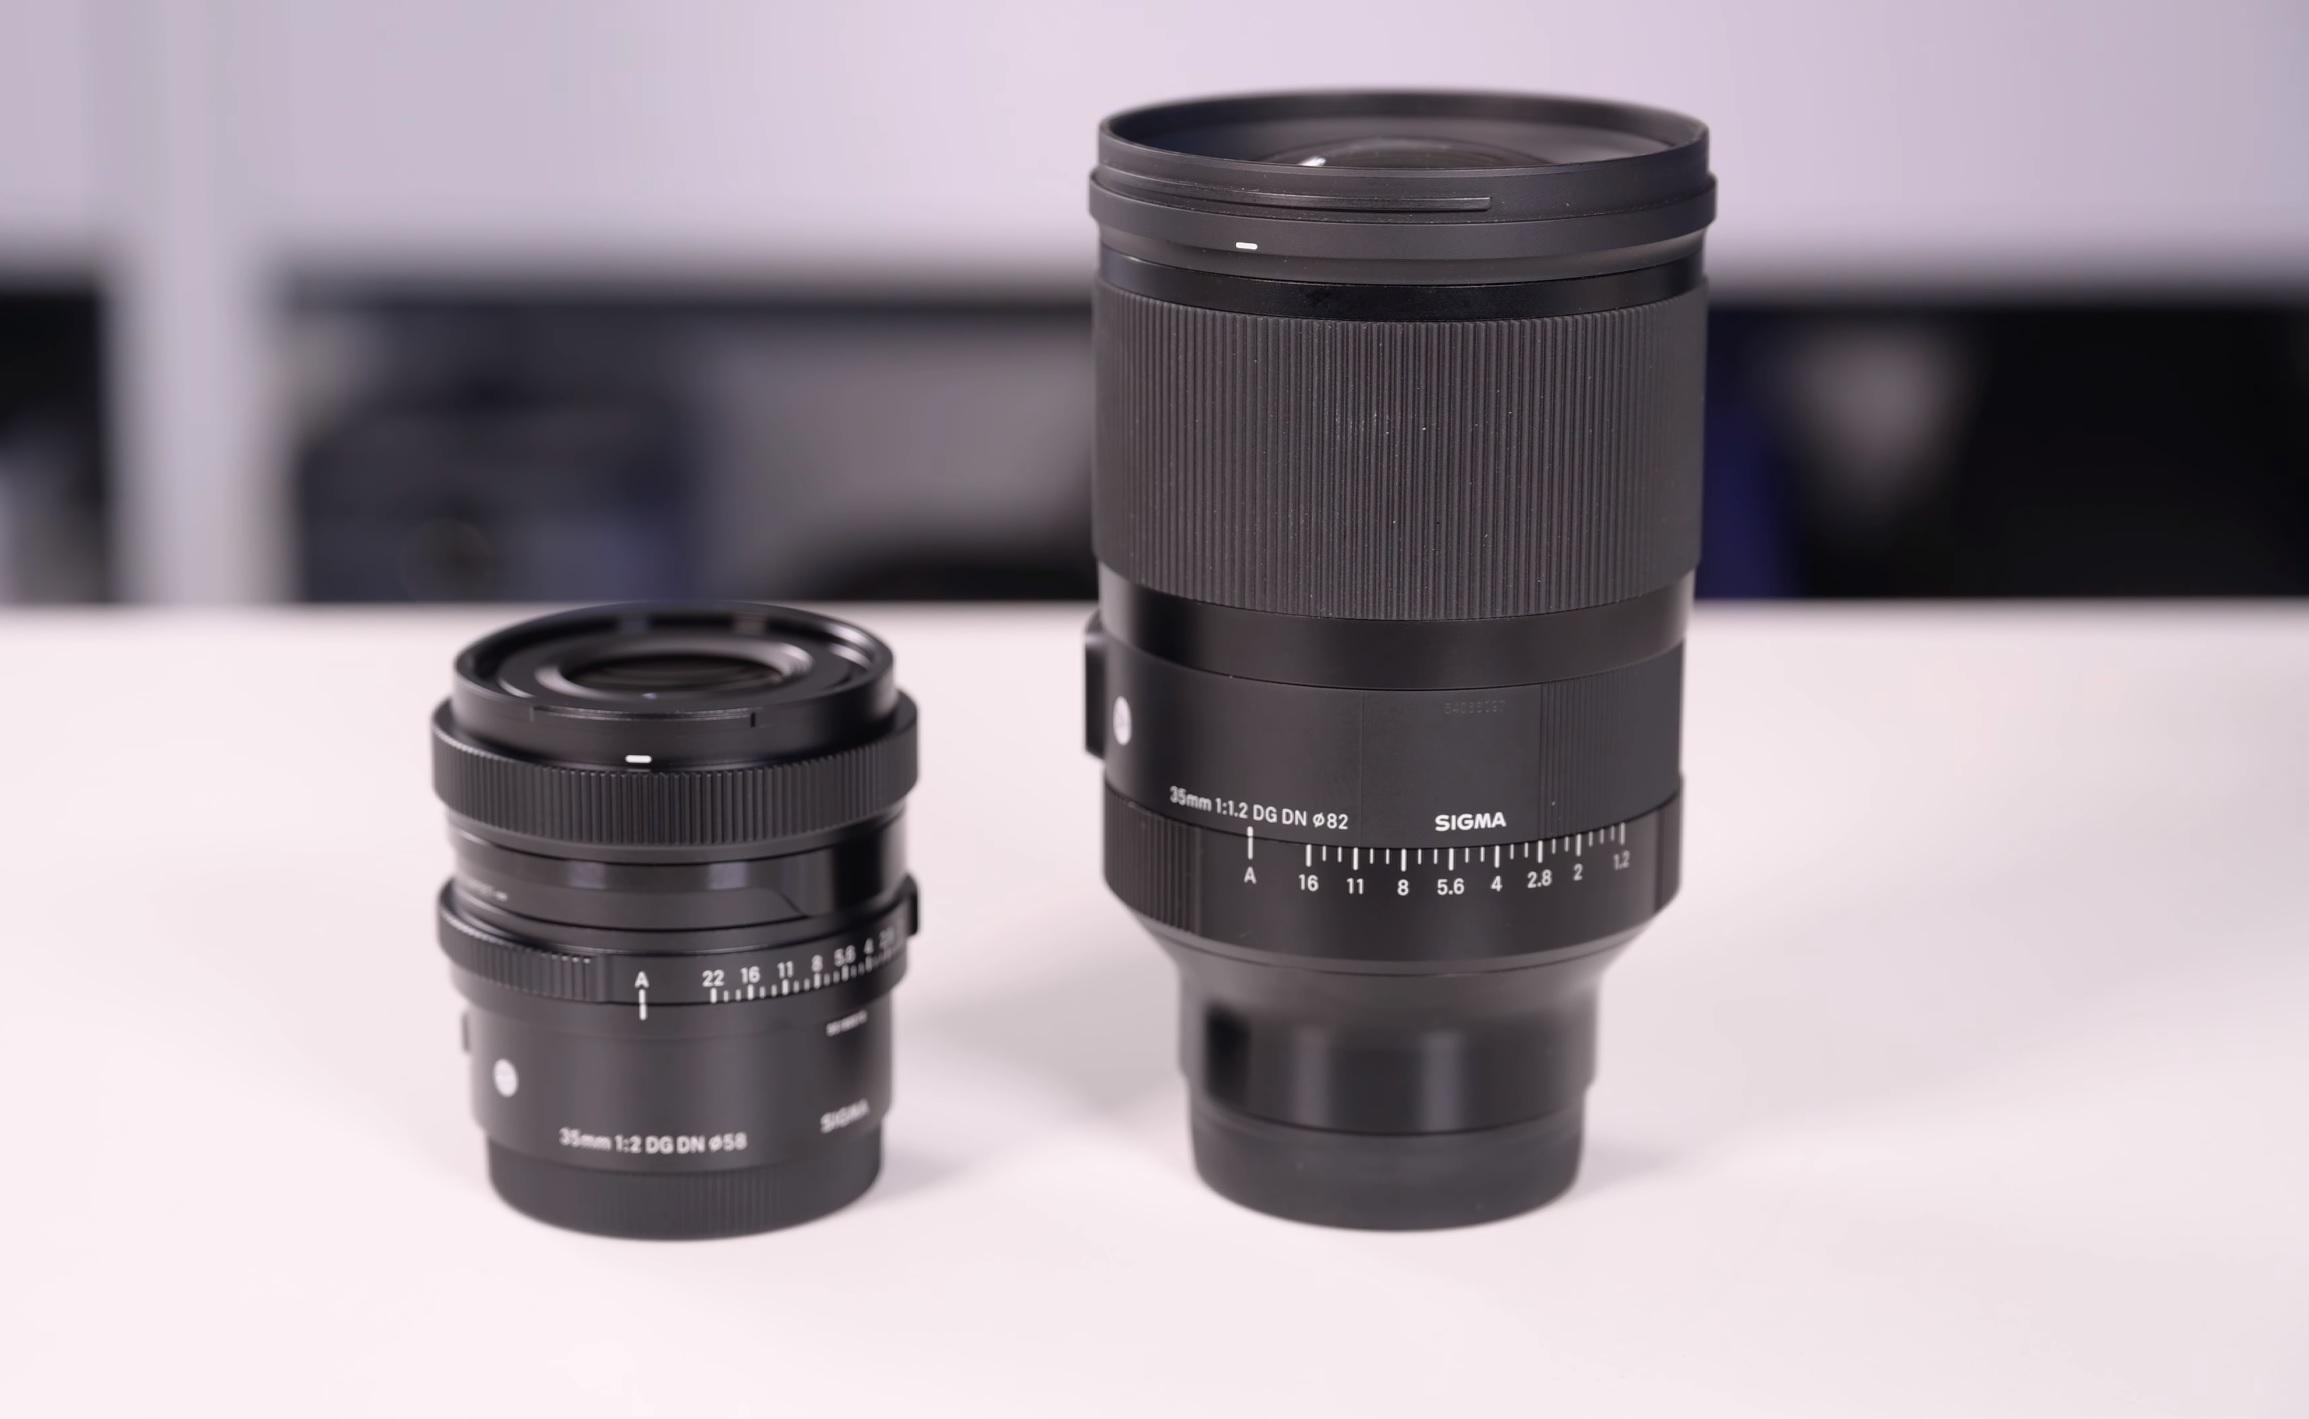 Sigma 35mm f2 vs 35mm f1.2